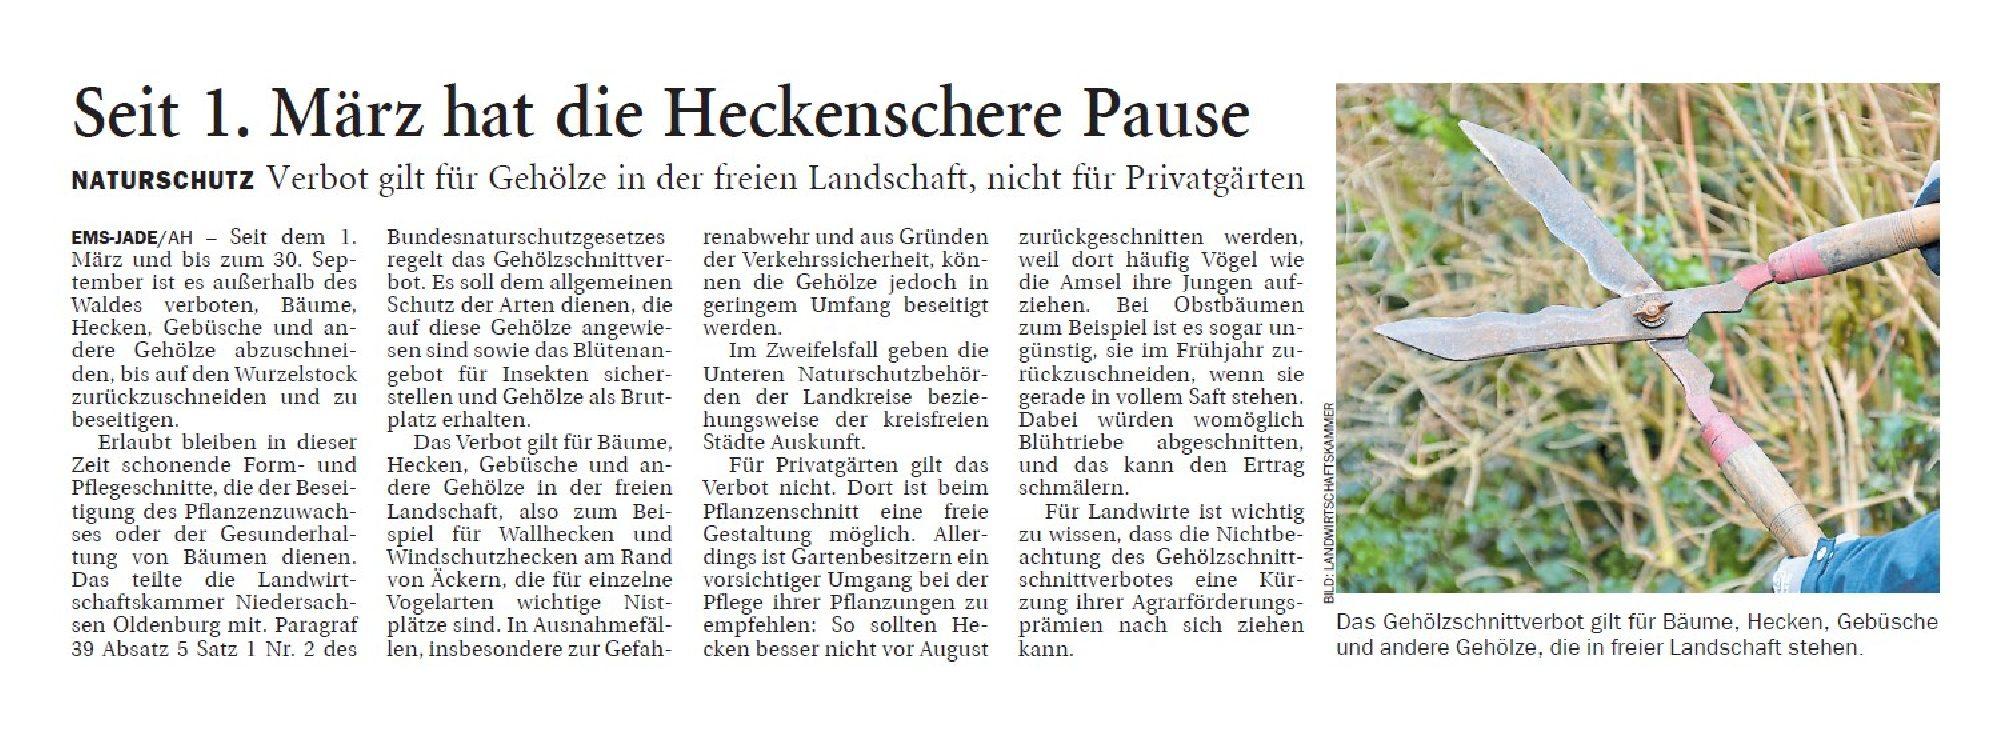 Jeversches Wochenblatt 04.03.2019 II